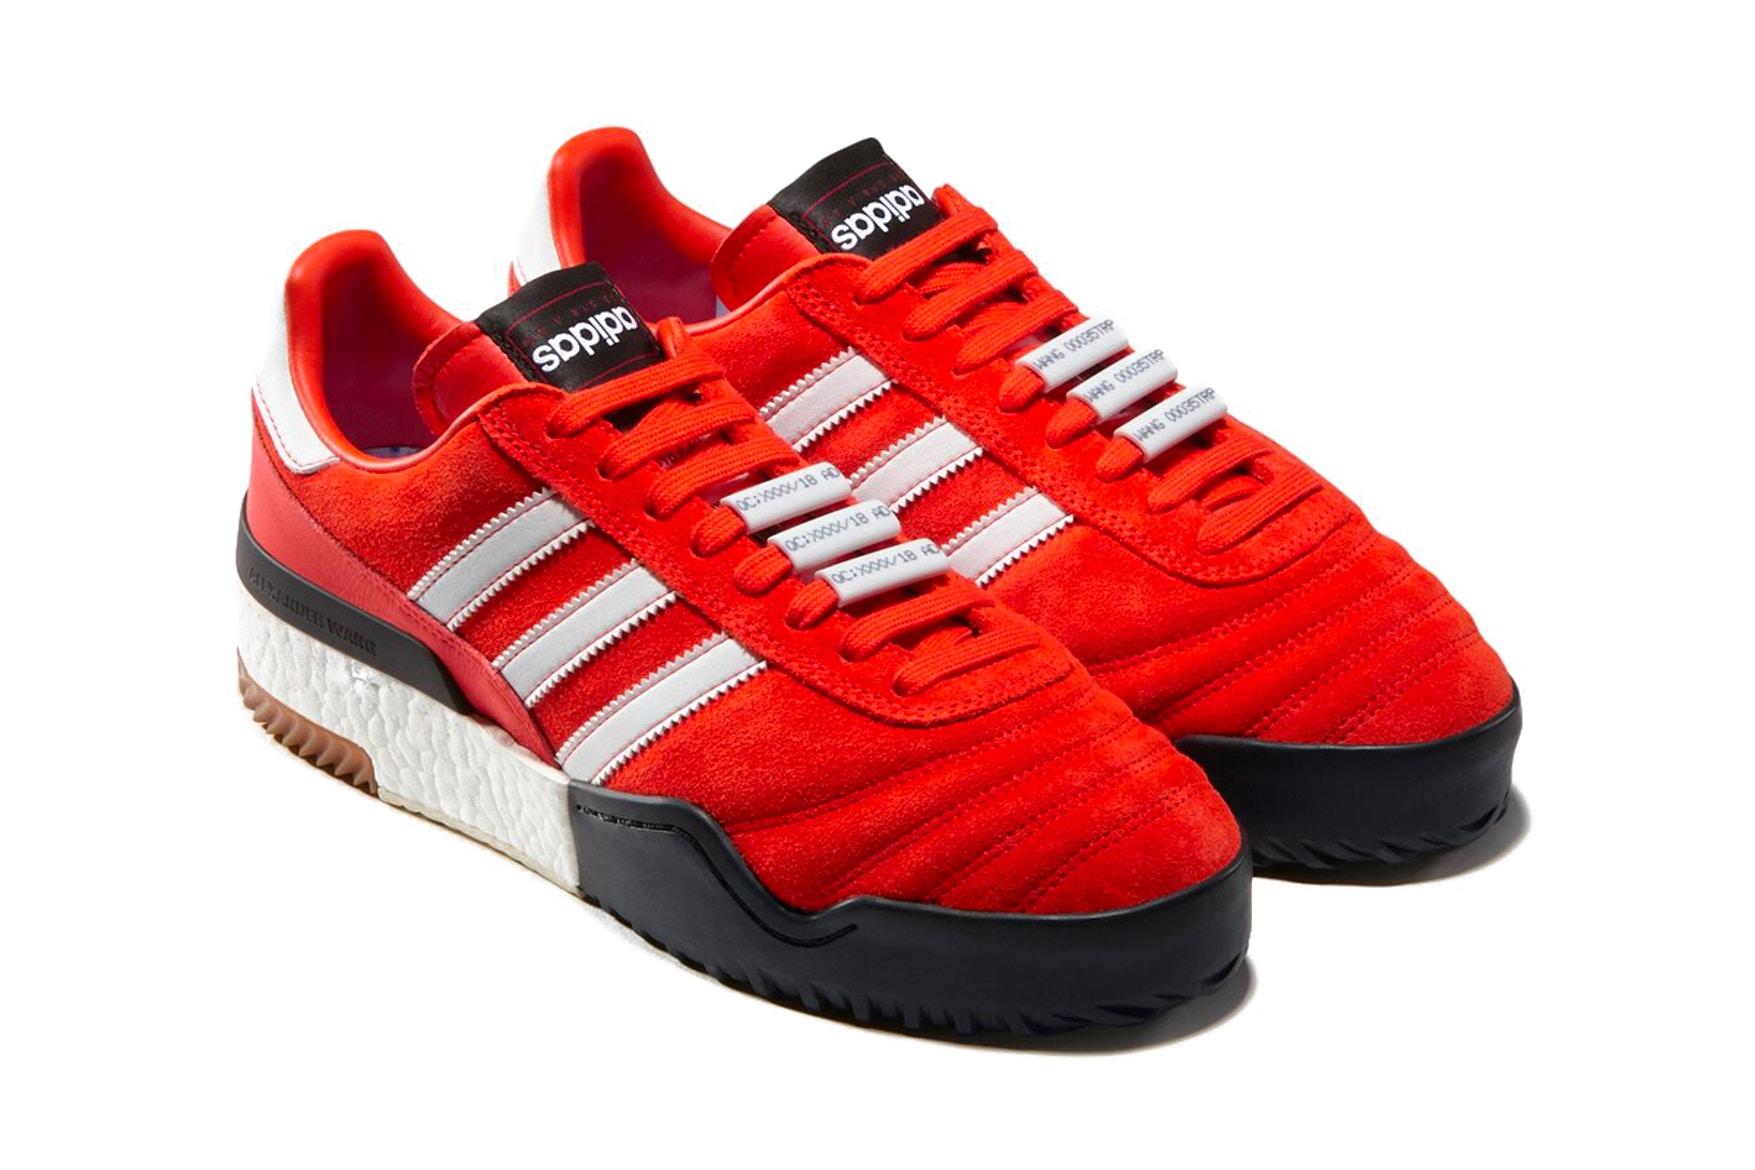 reputable site b0522 3f00f alexander-wang-adidas-originals-bball-soccer-release-date-004.jpg